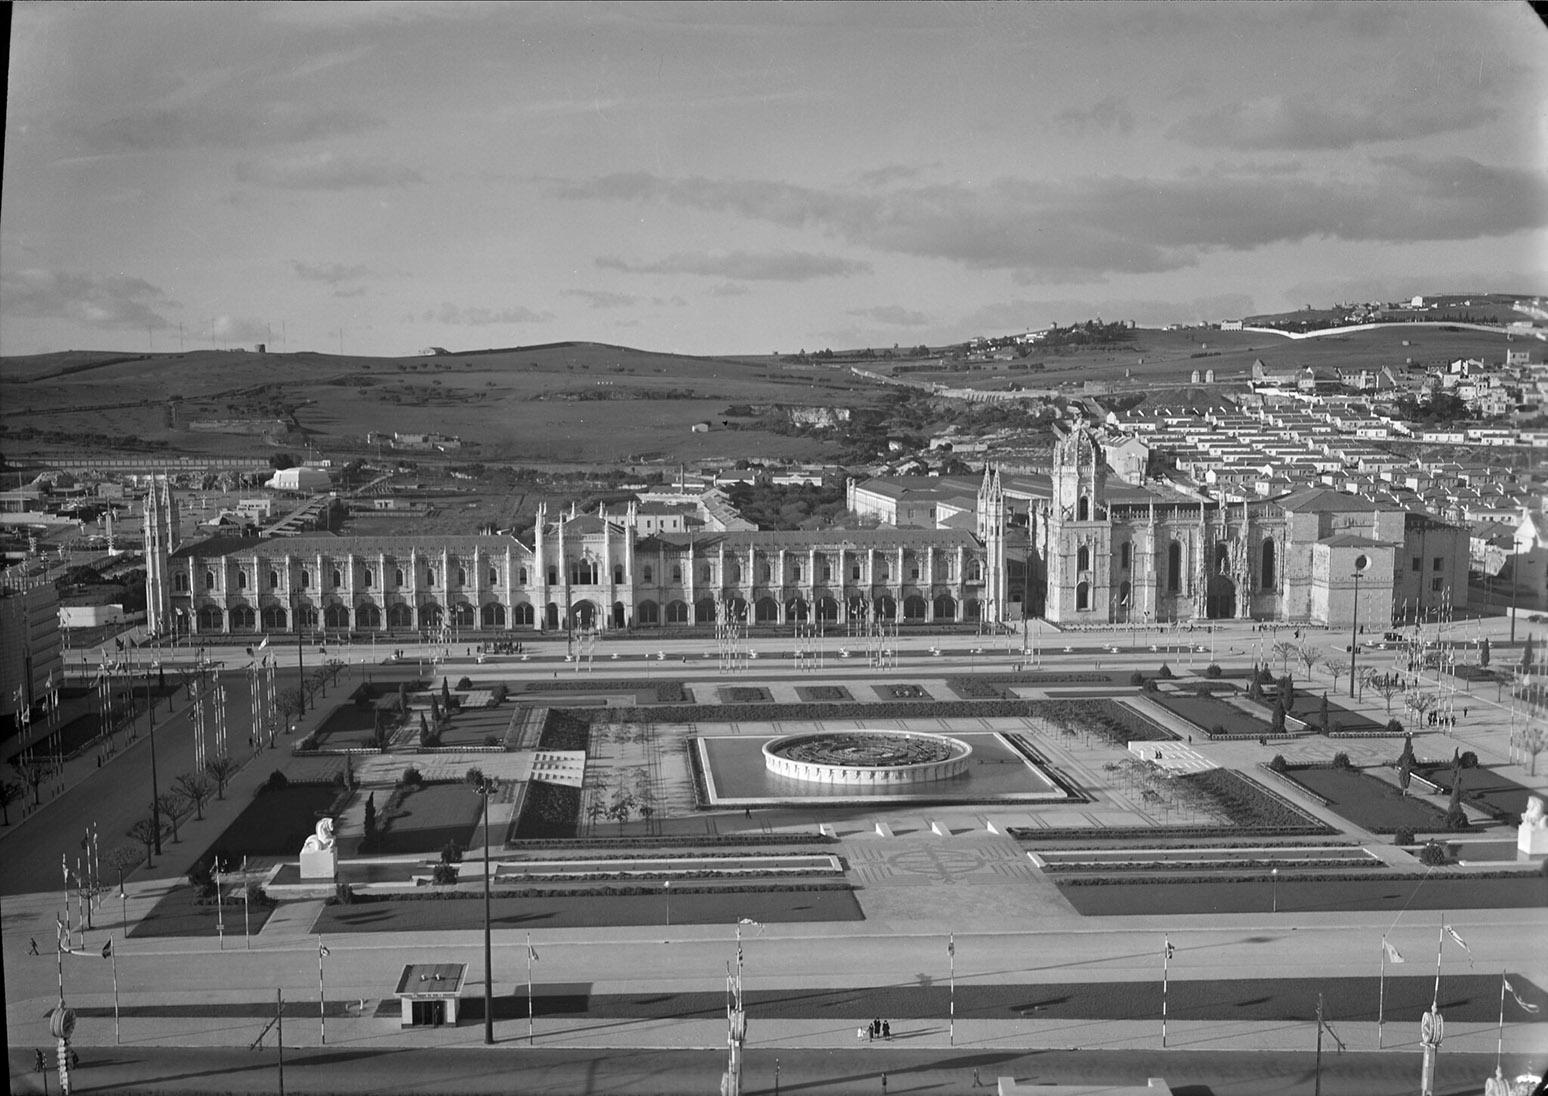 Vista aerea da Praça do Império com o Mosteiro dos Jerónimos ao fundo.